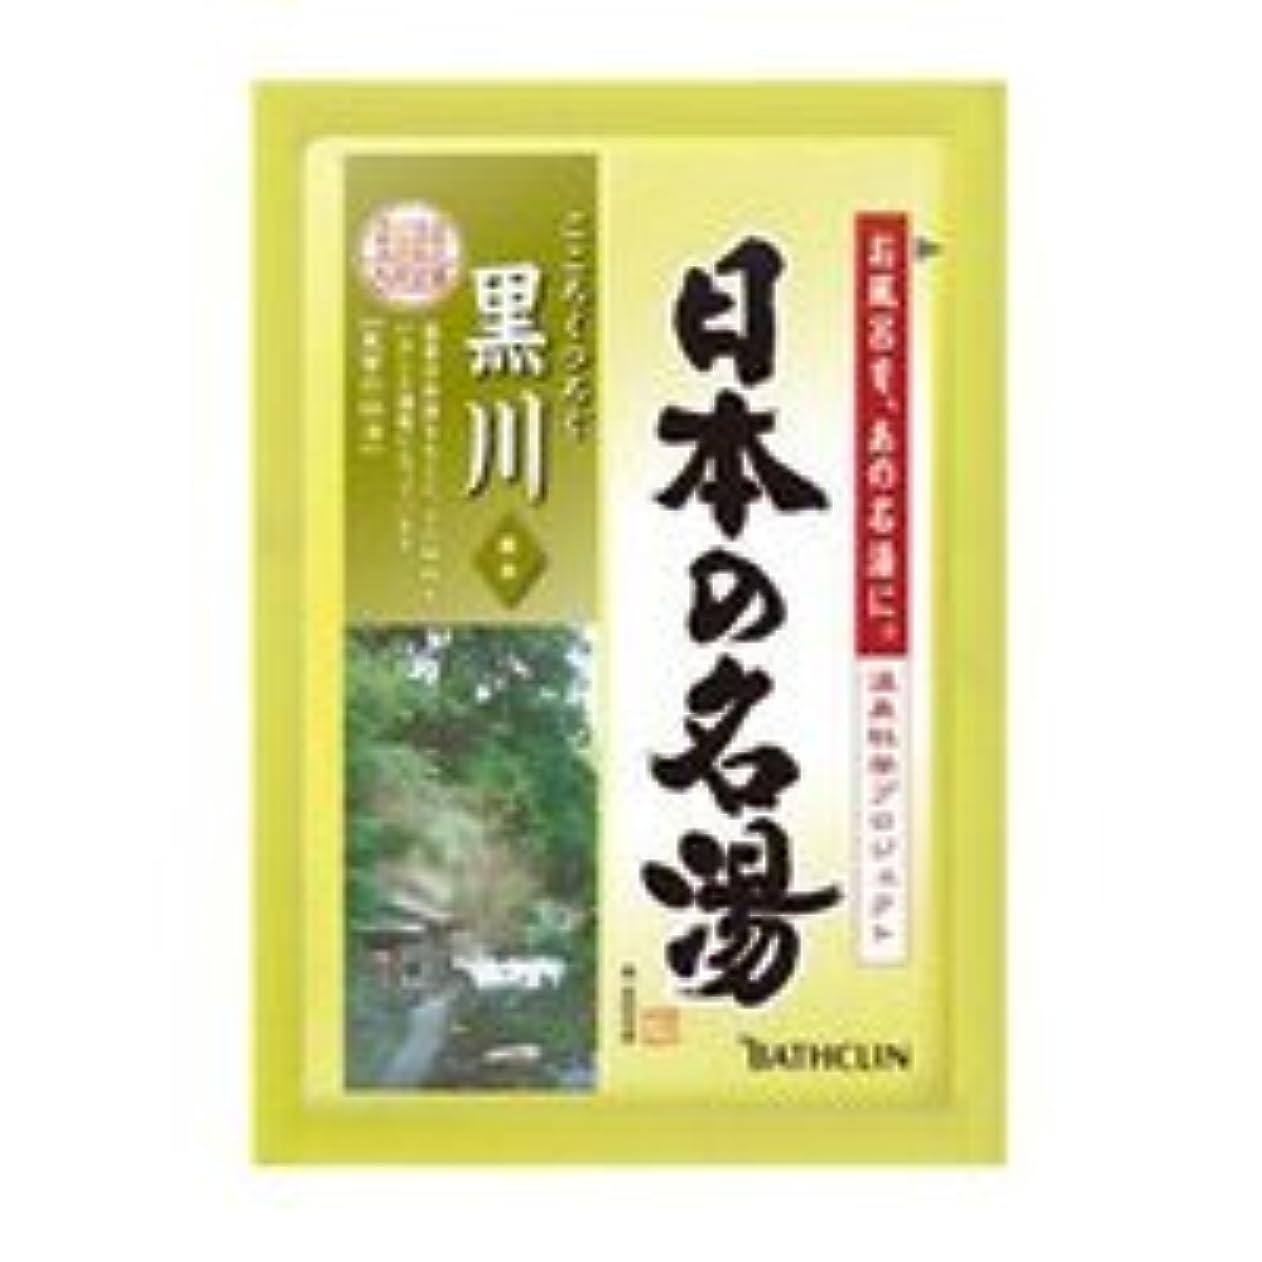 規則性シャープシャープバスクリン 日本の名湯 黒川 1包 30g (温泉タイプ入浴剤)×120点セット (4548514135093)